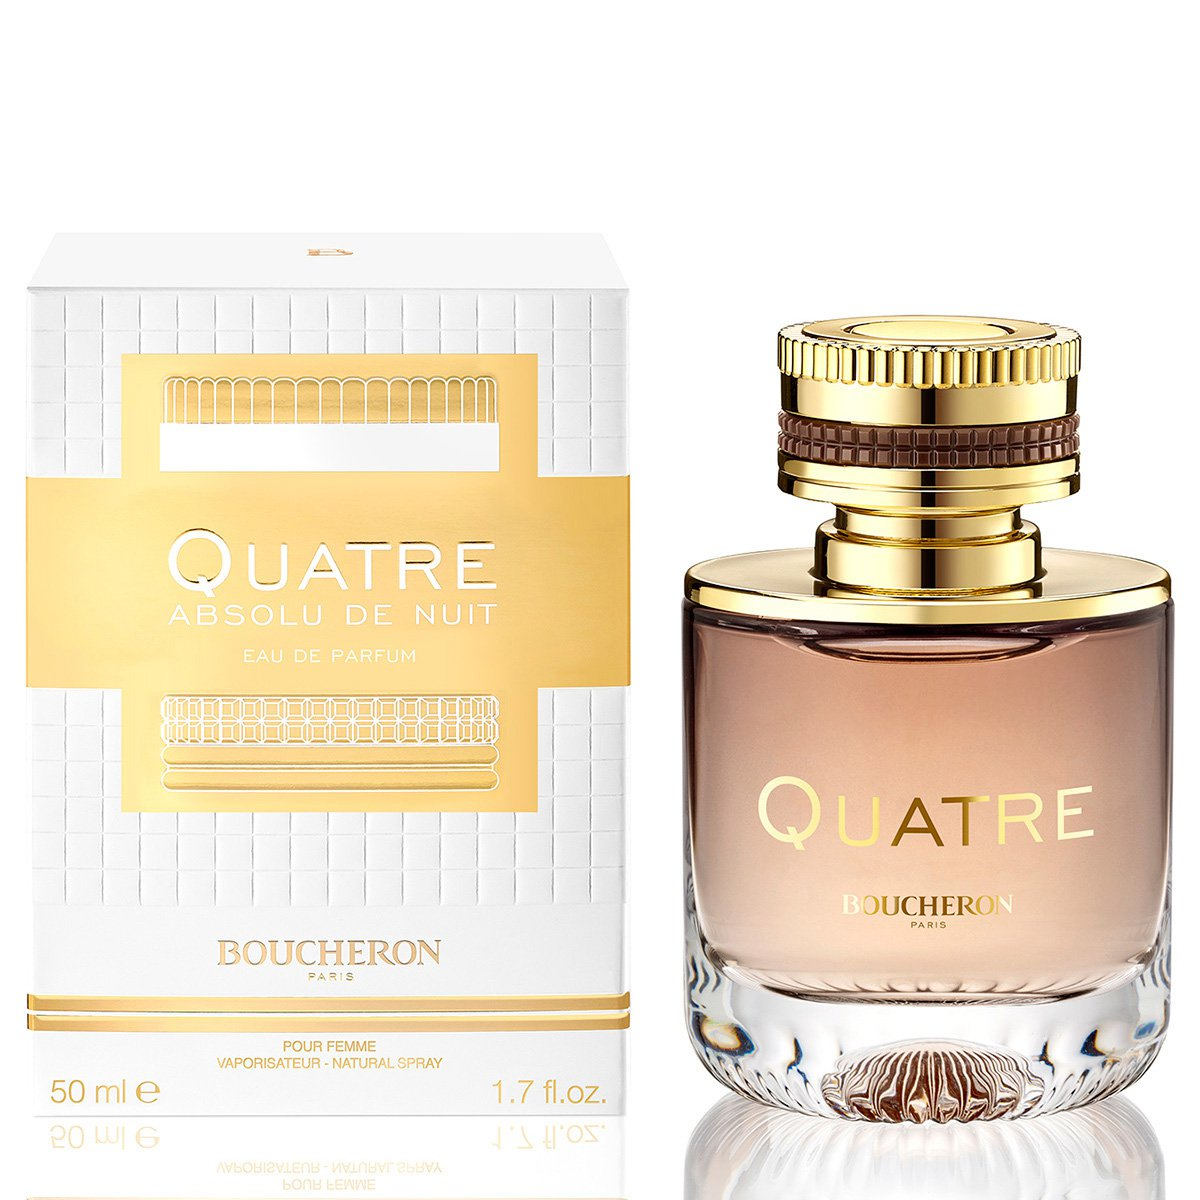 Perfume Quatre Absolu de Nuit Pour Femme Feminino Boucheron Eau de Parfum  50ml - Incolor 869a92d4a1